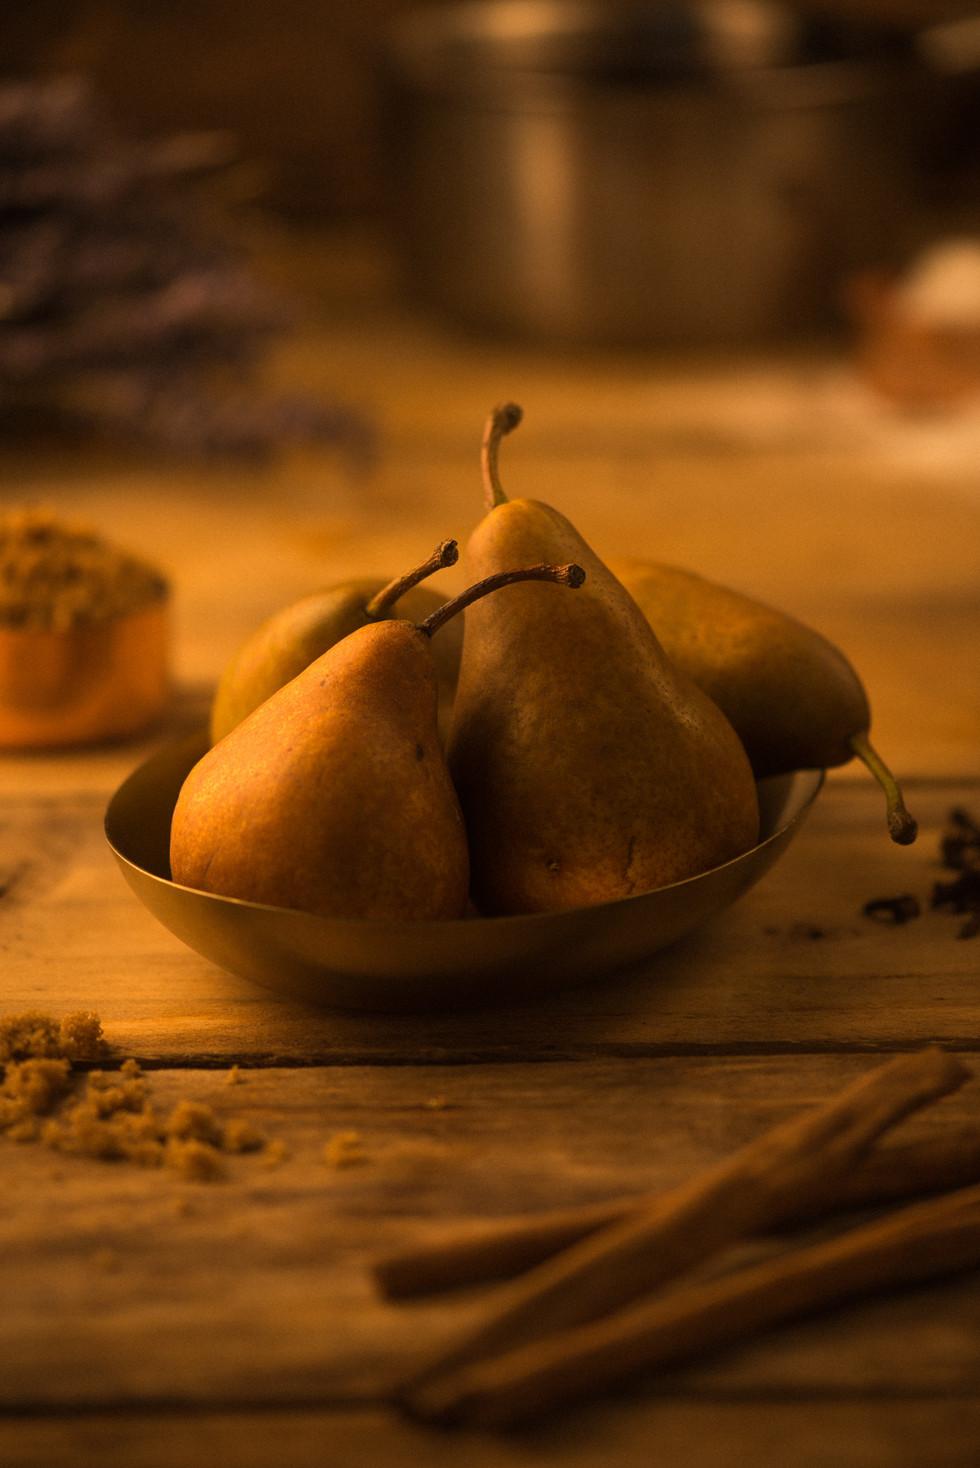 Pears-049.jpg